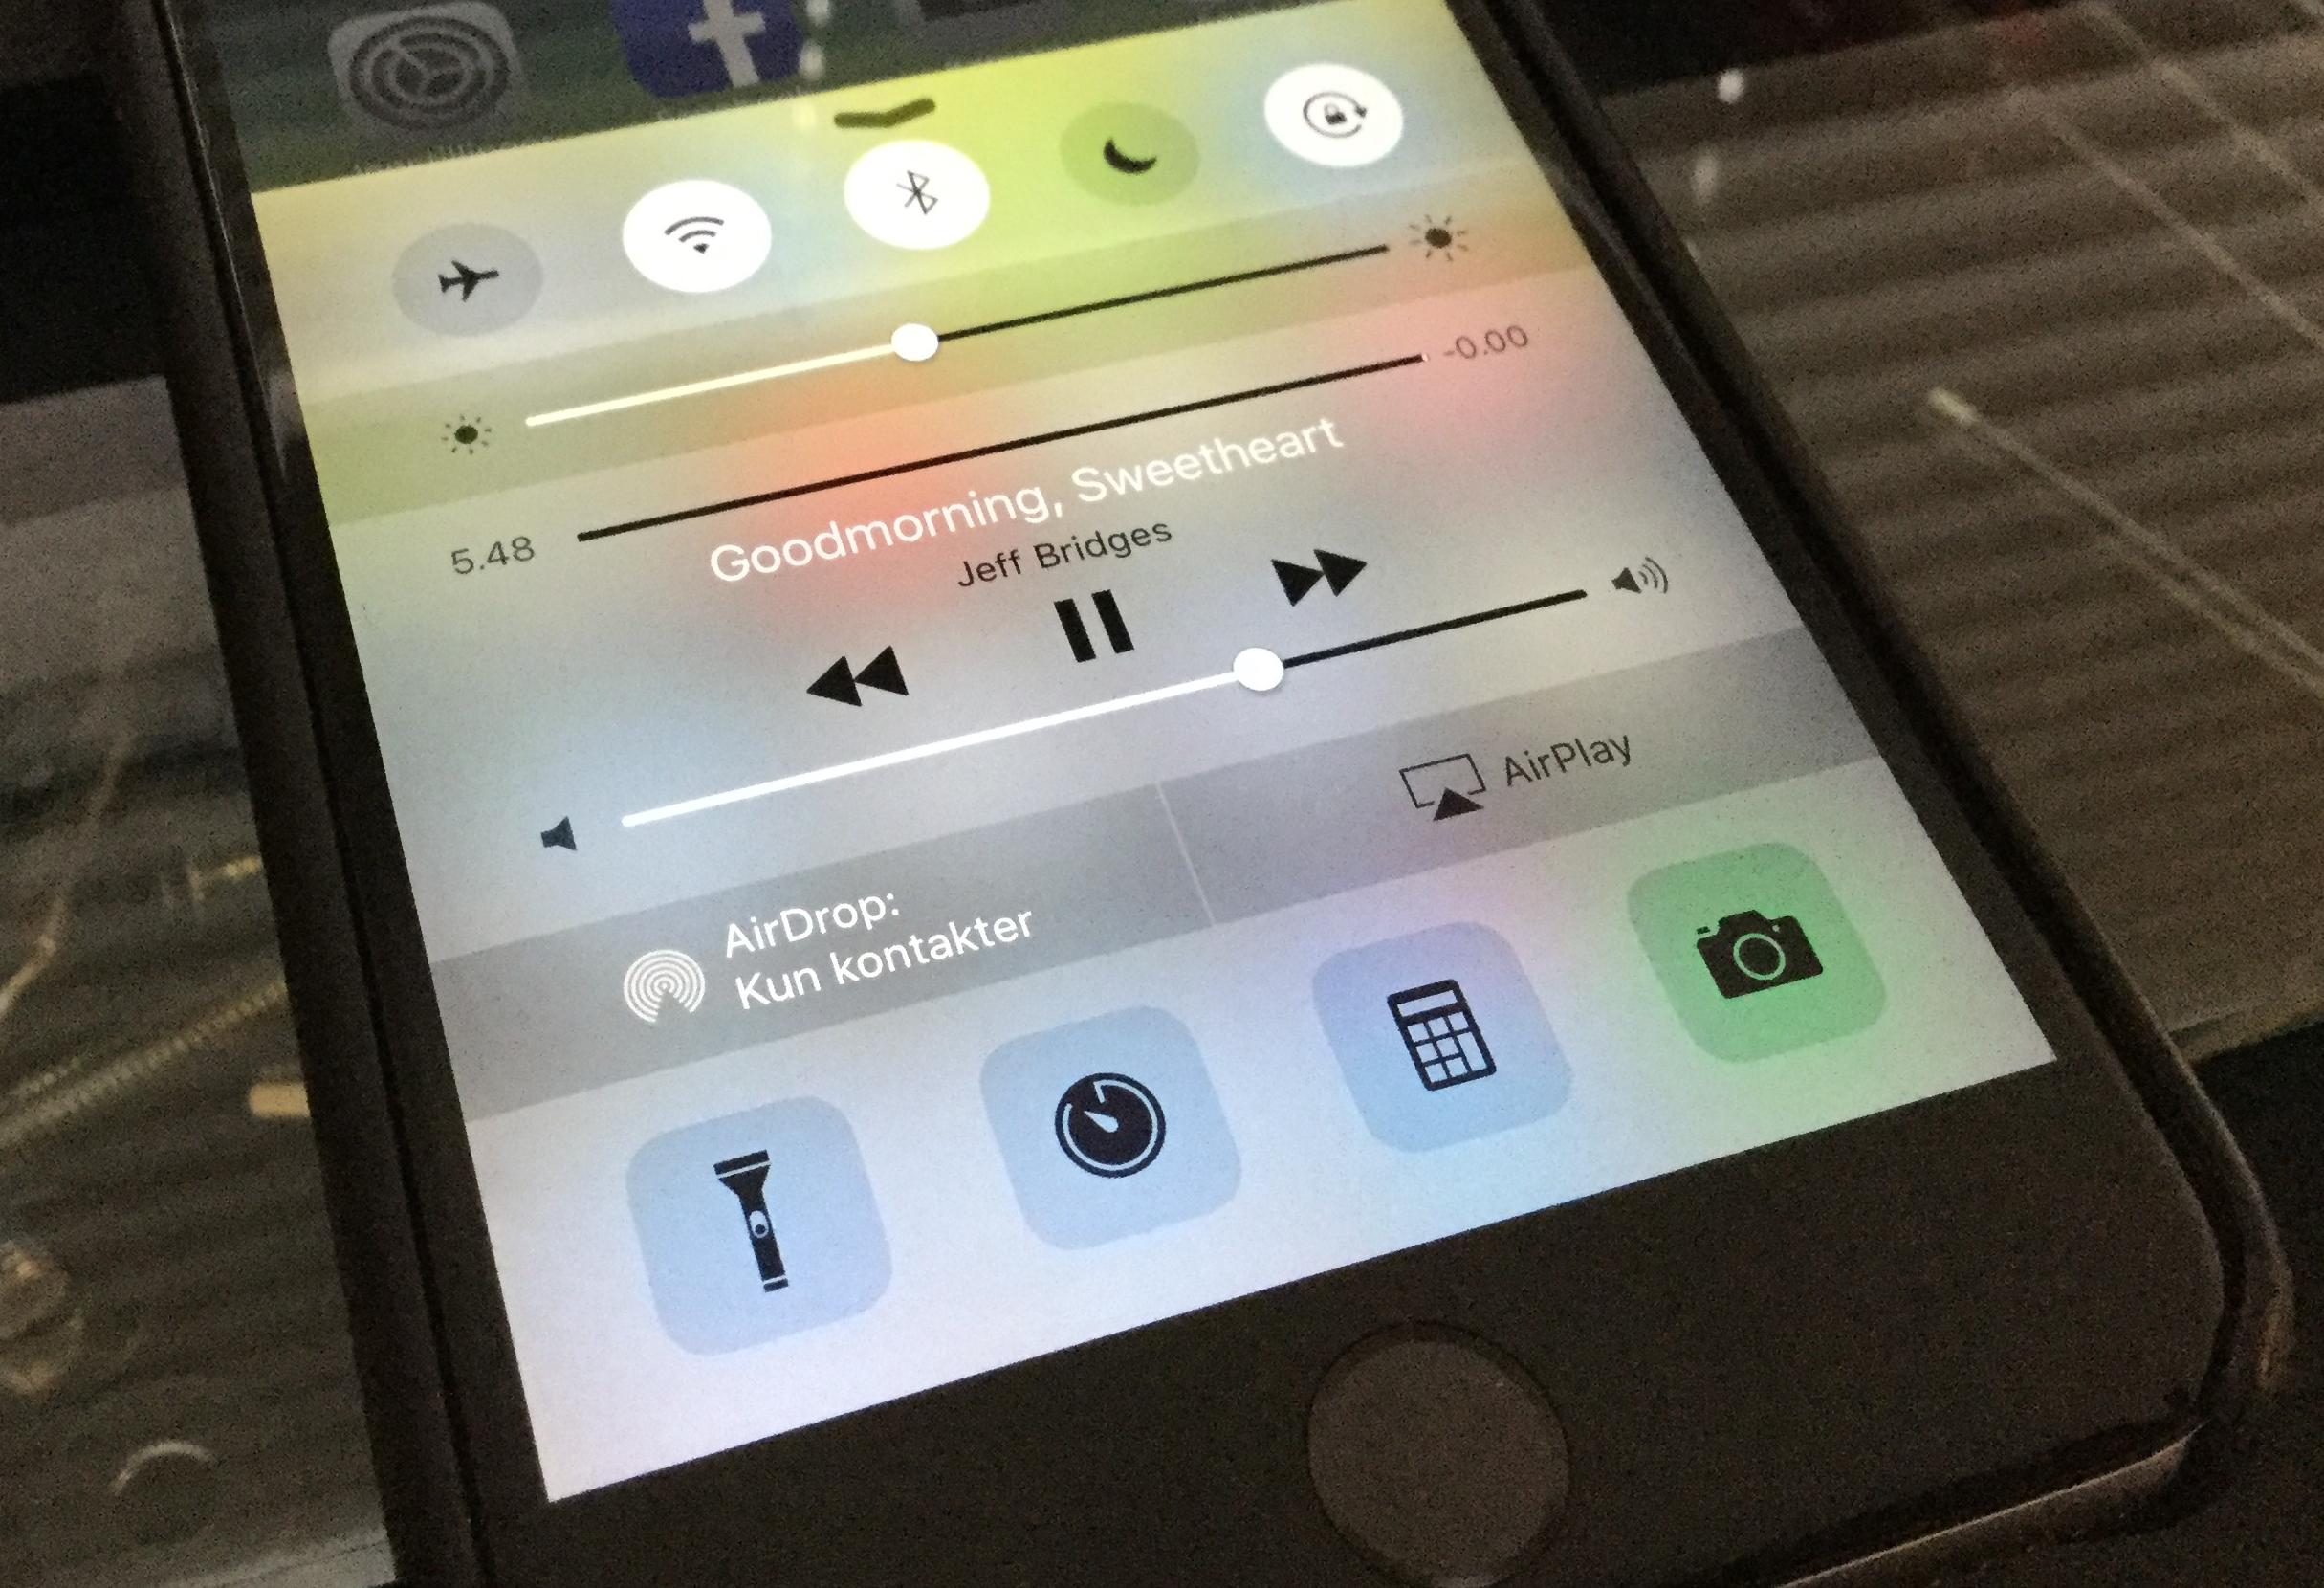 Jukebox gjør det lekende lett å laste ned musikk fra Dropbox.